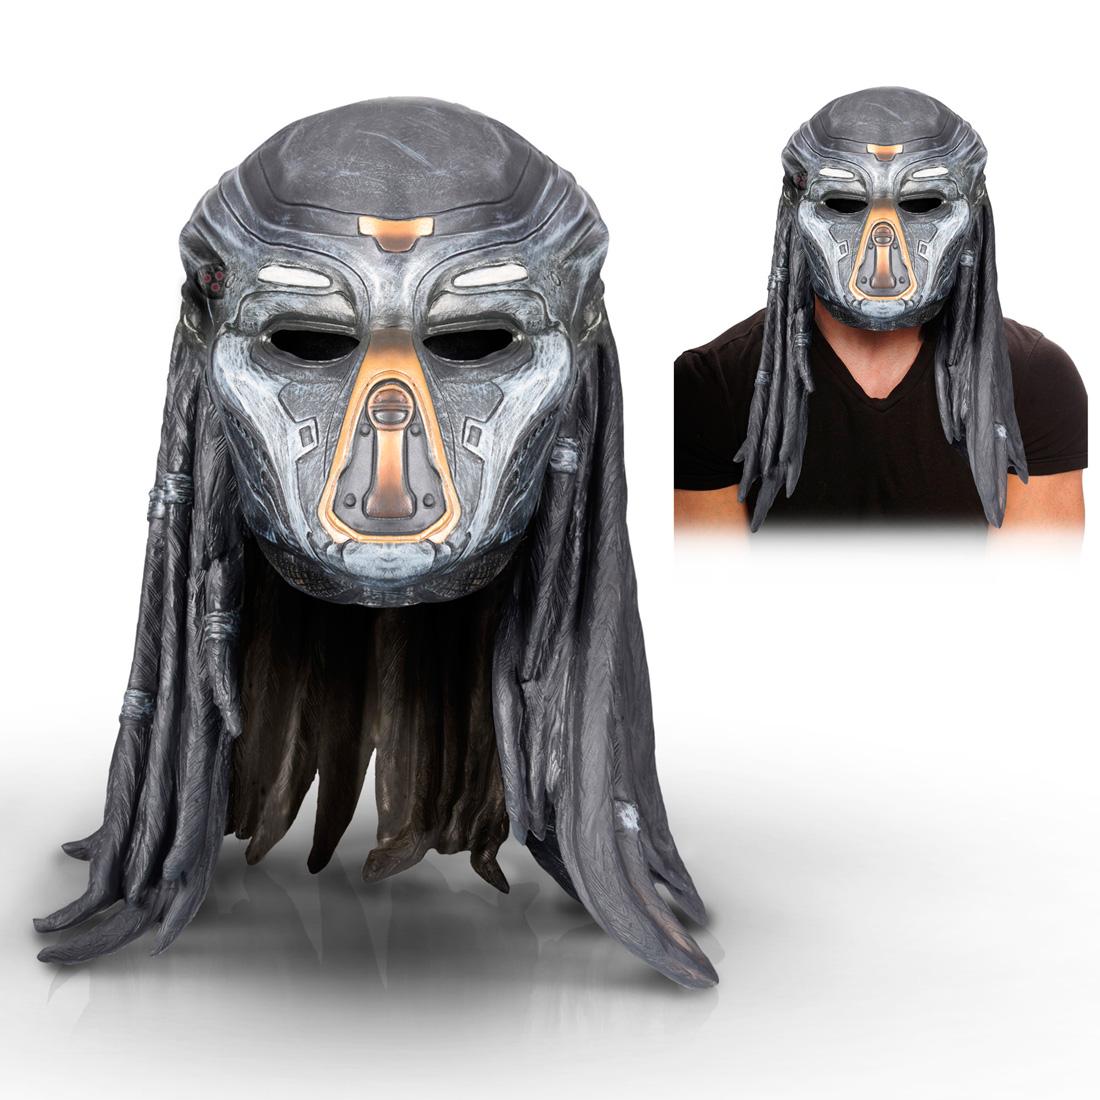 Concurso Predator máscara